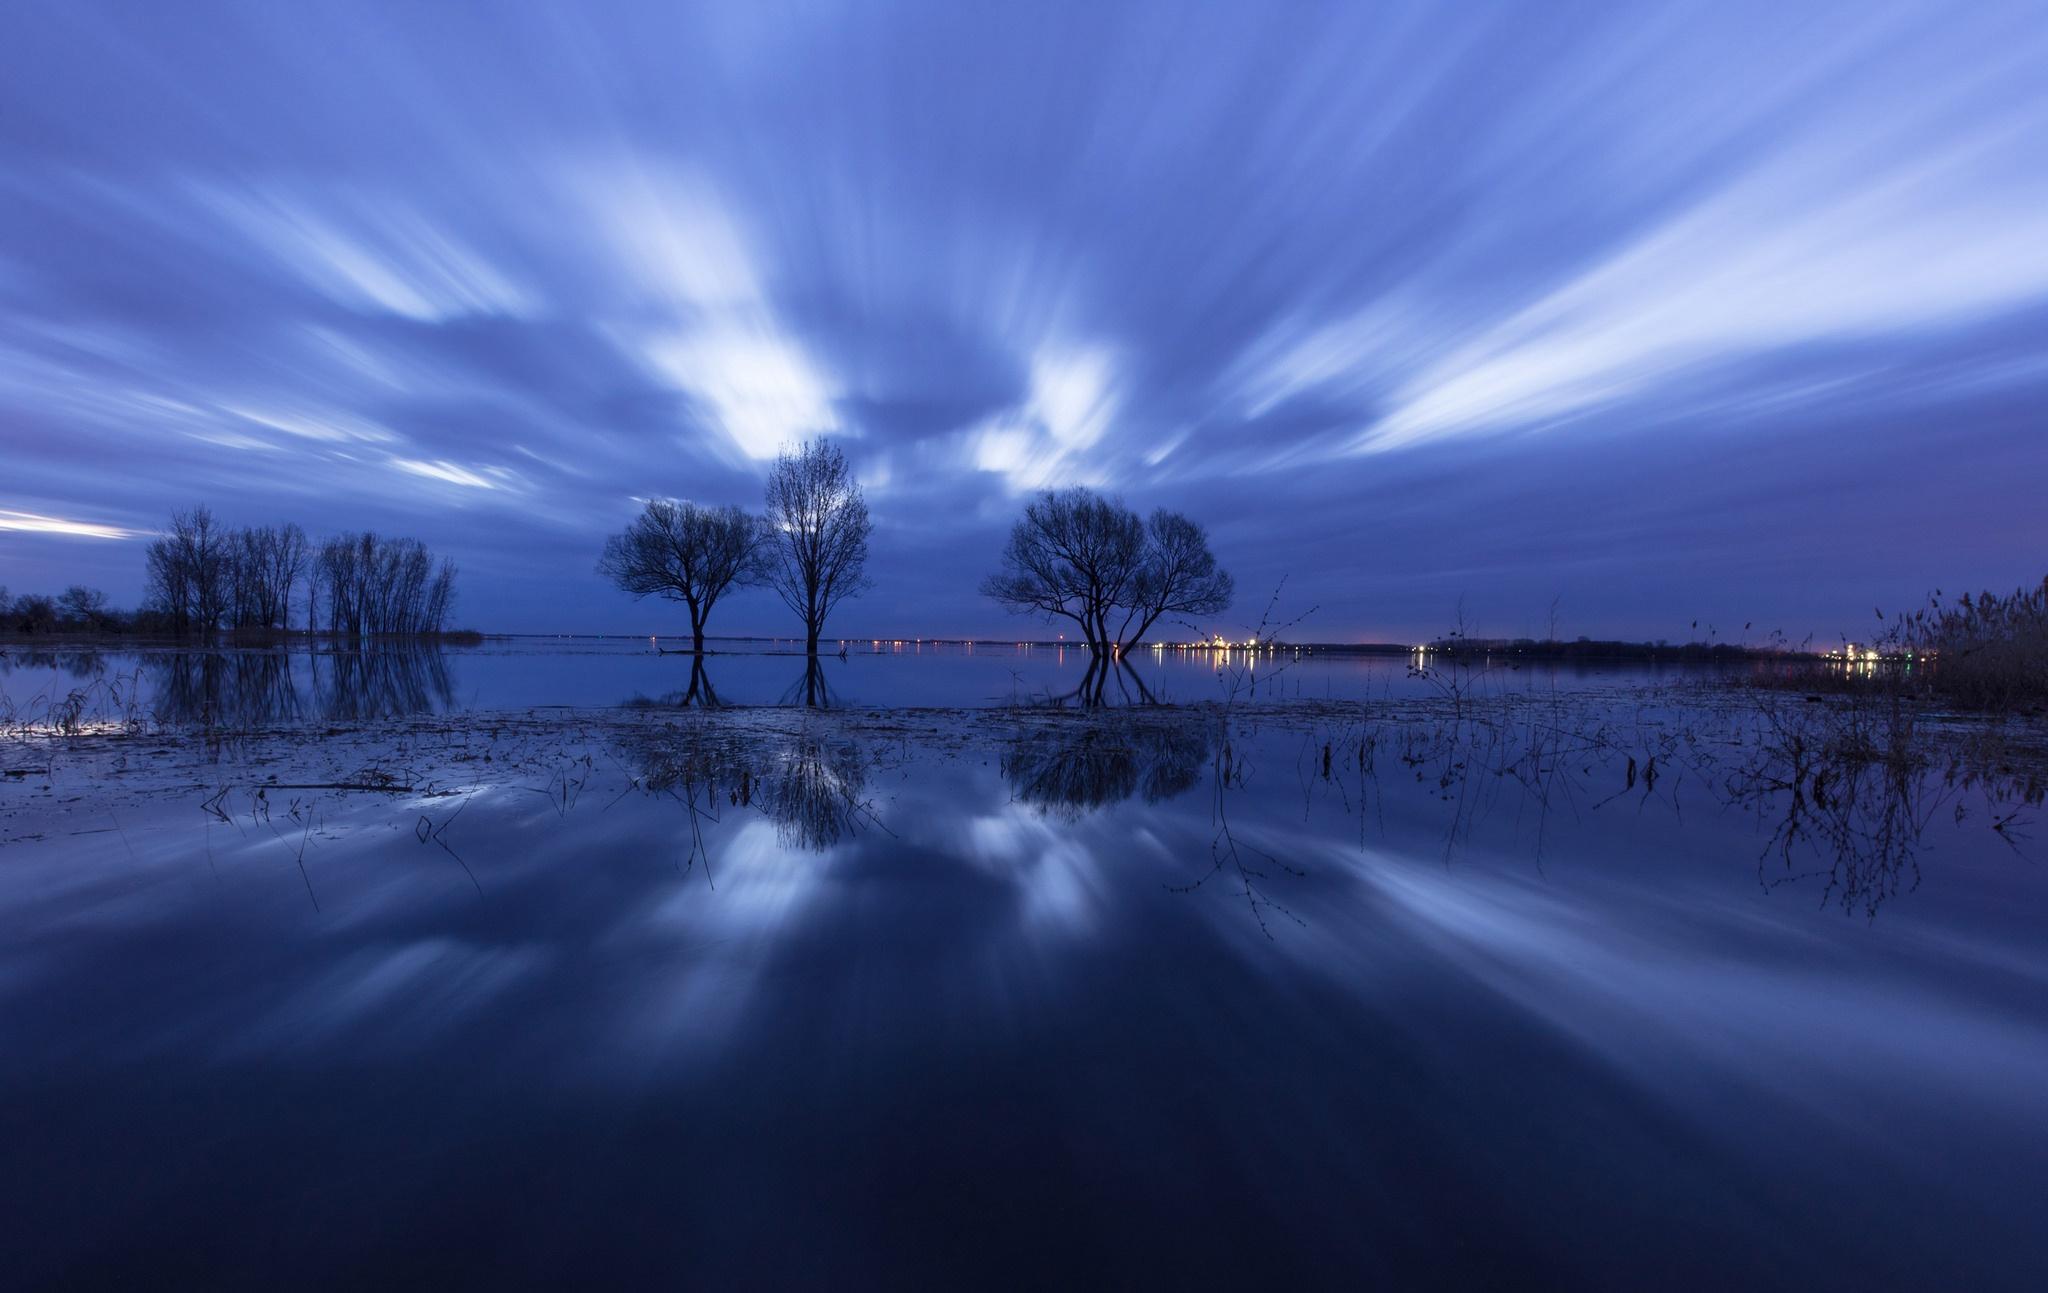 природа озеро отражение деревья вечер загрузить